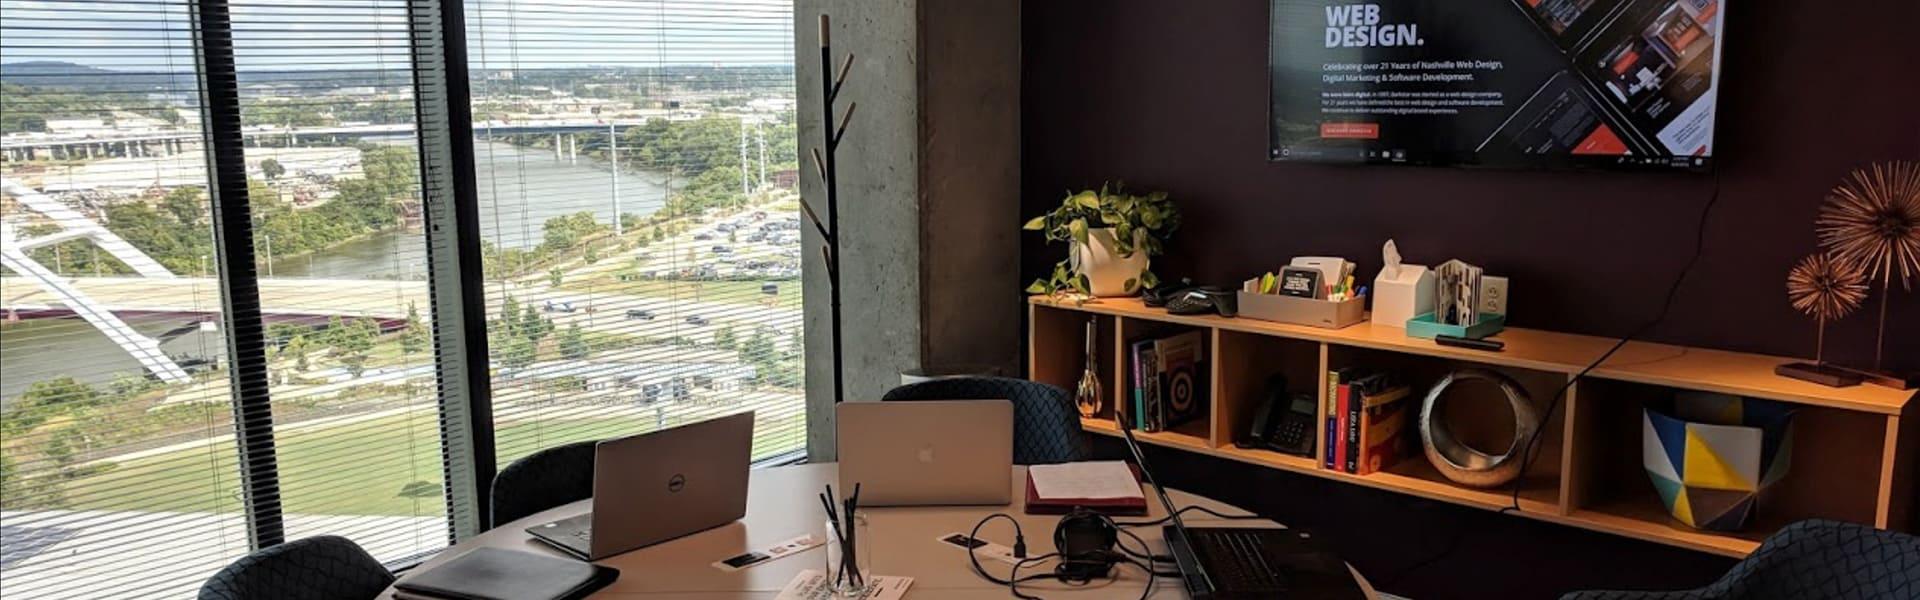 Digital Services at Darkstar Design Nashville TN